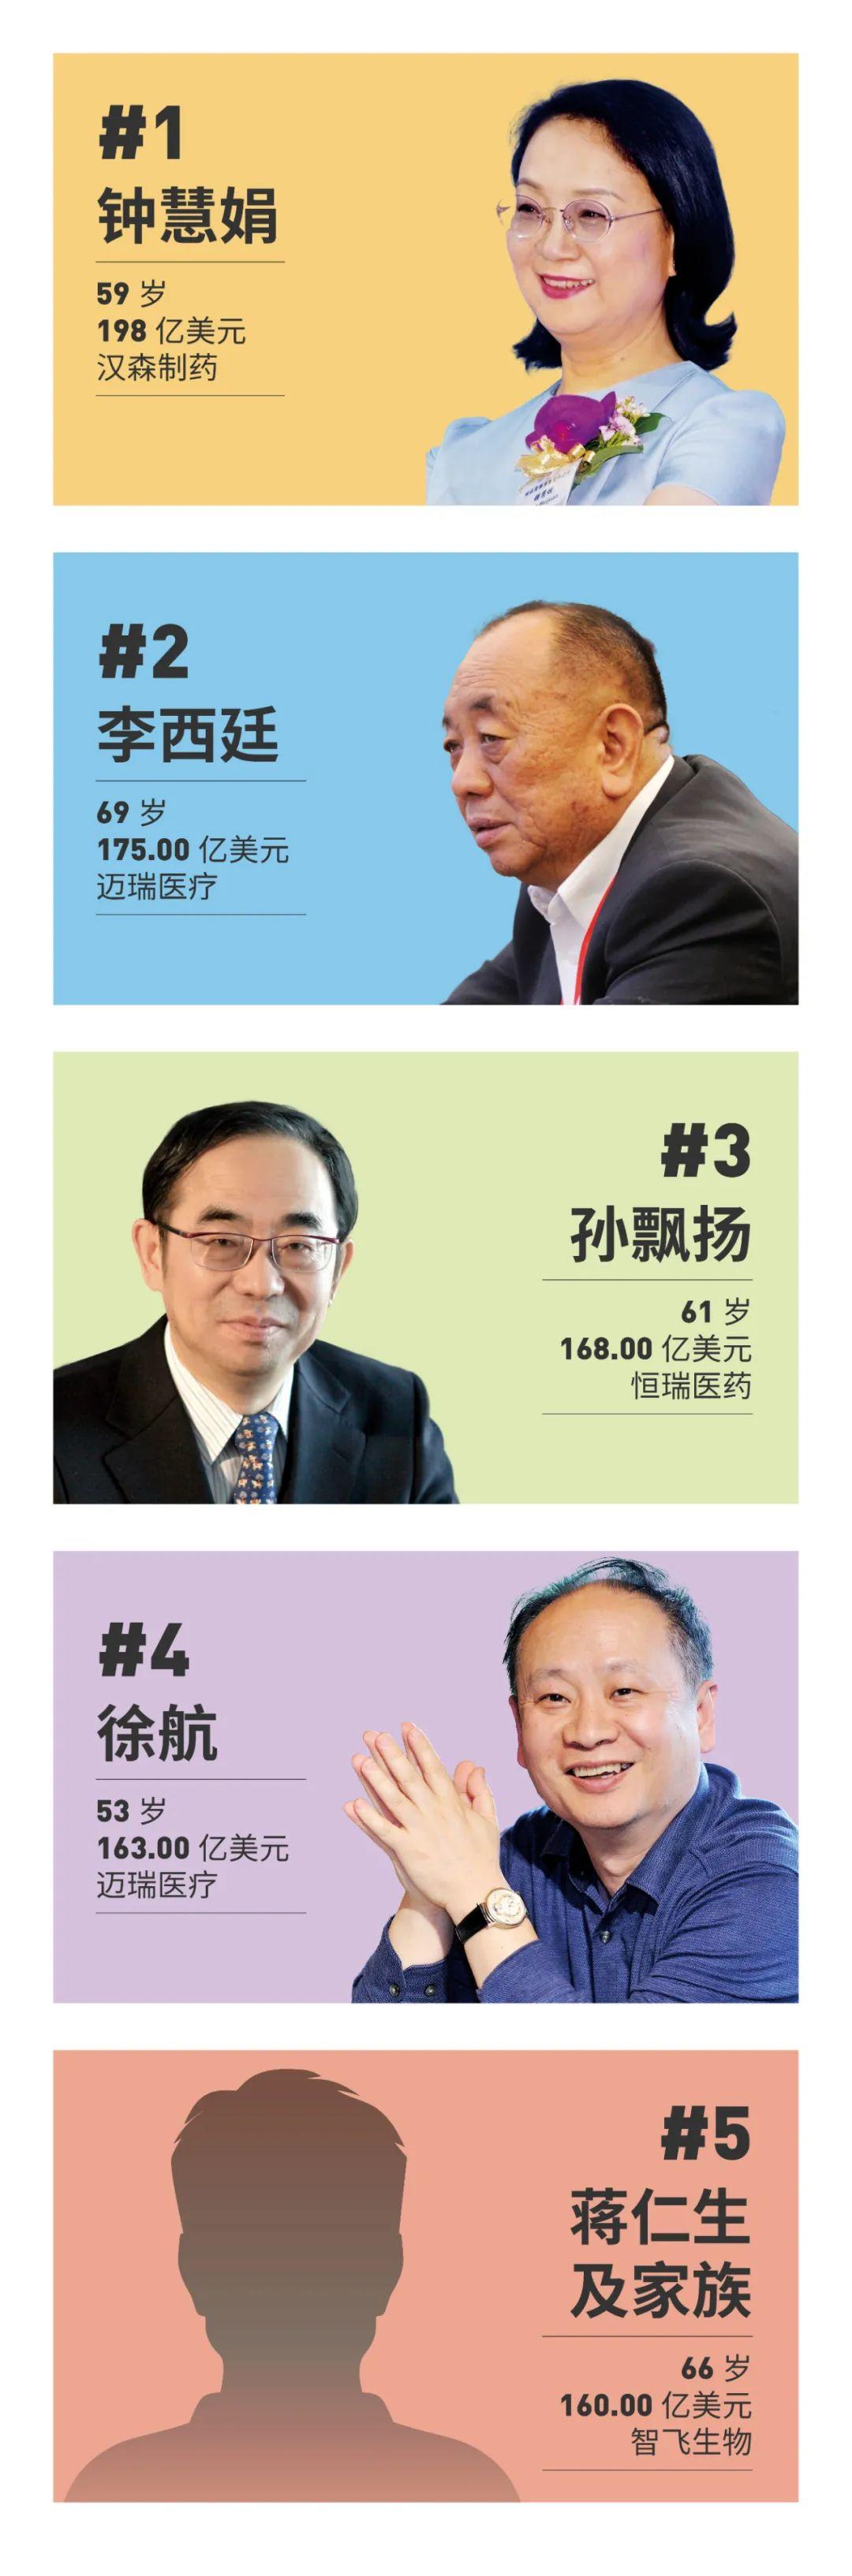 福布斯中国榜:医疗健康富豪50强公布(附名单)